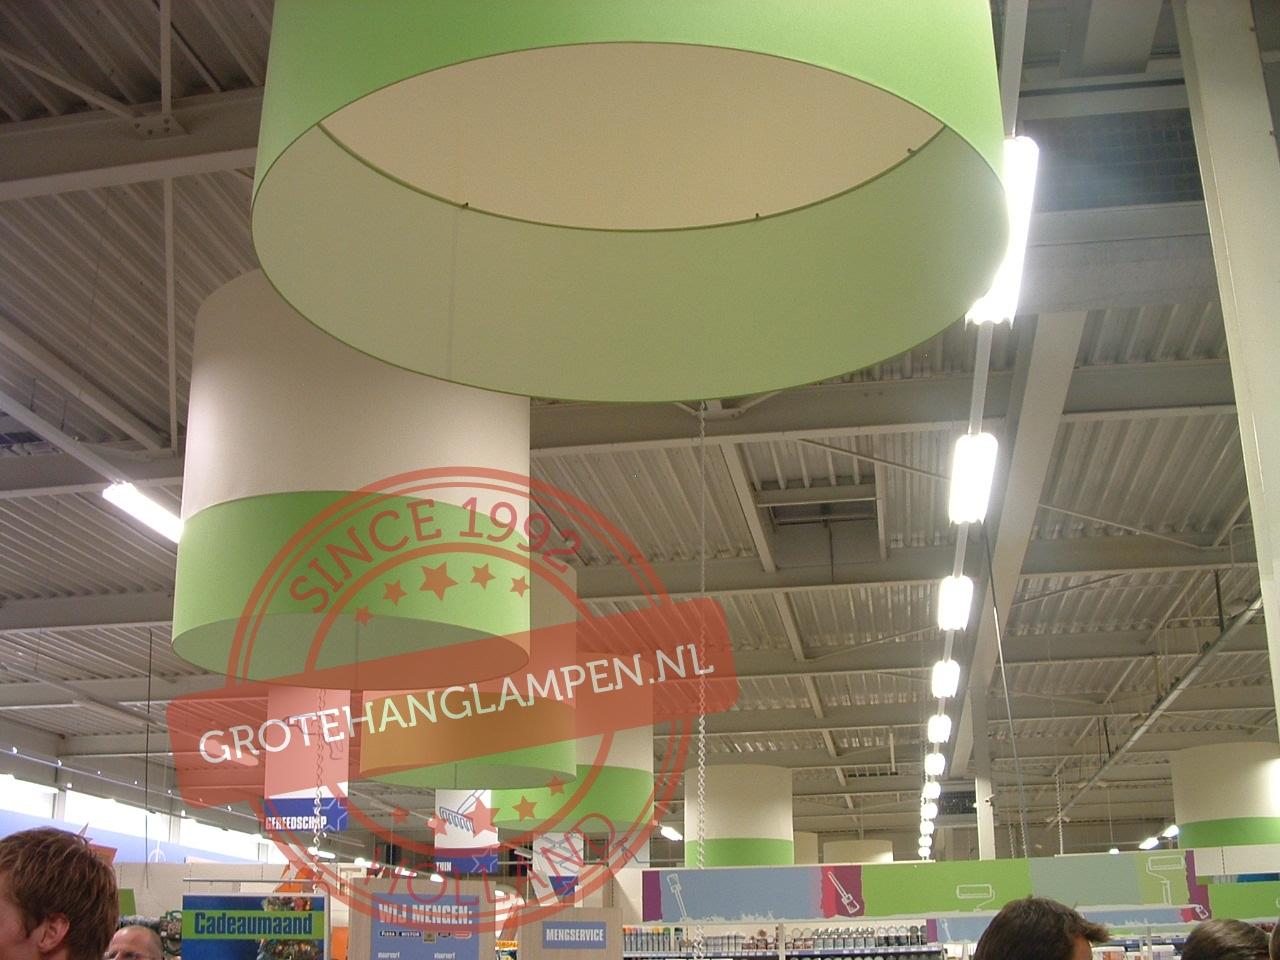 Winkelverlichting, technische en sfeerverlichting voor winkels    Grotehanglampen nl